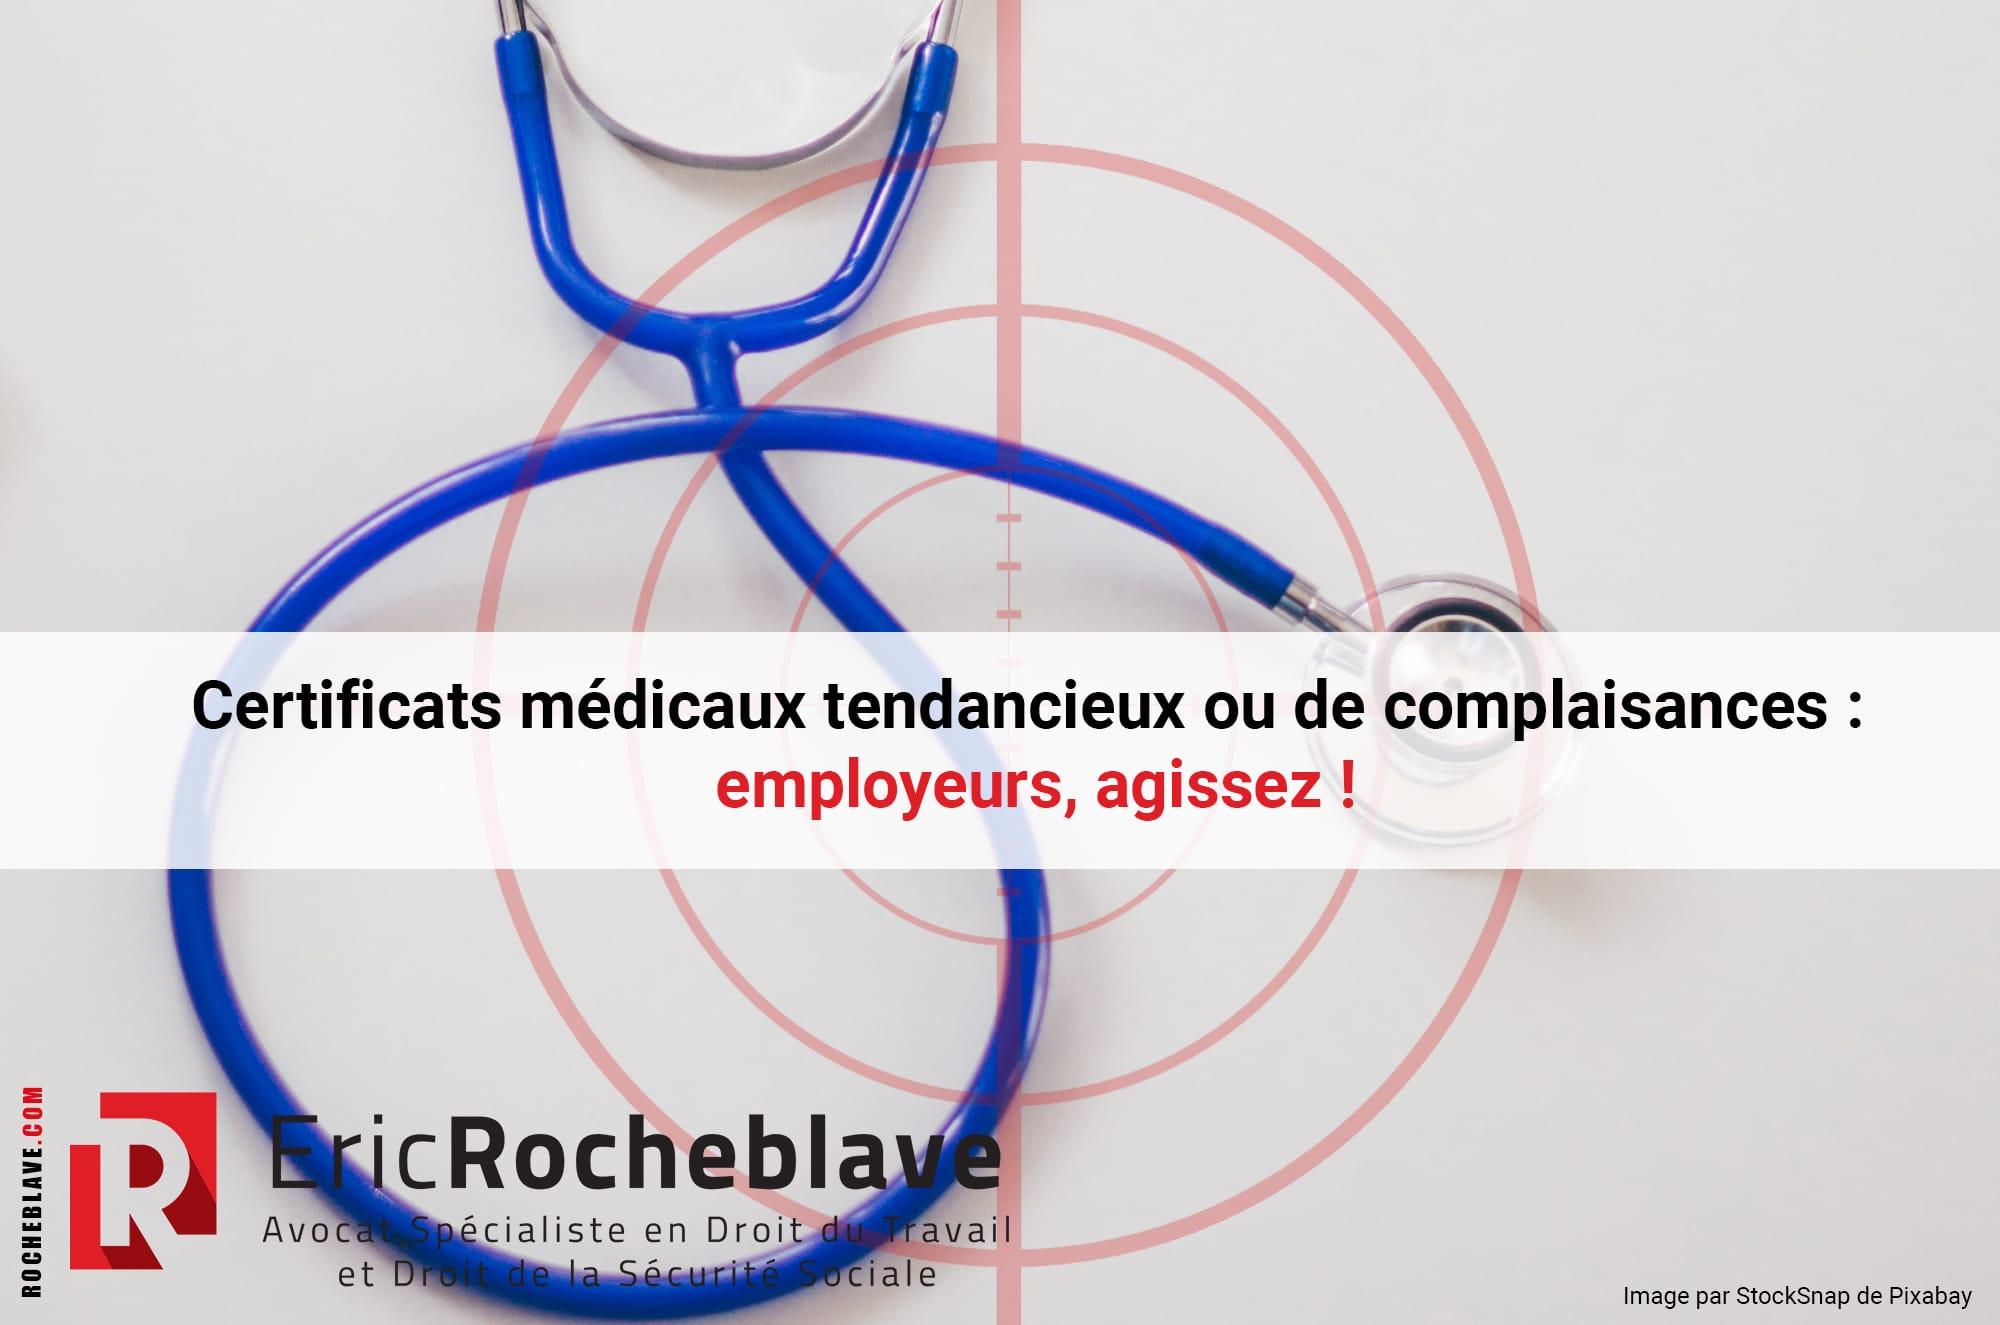 Certificats médicaux tendancieux ou de complaisances : employeurs, agissez !